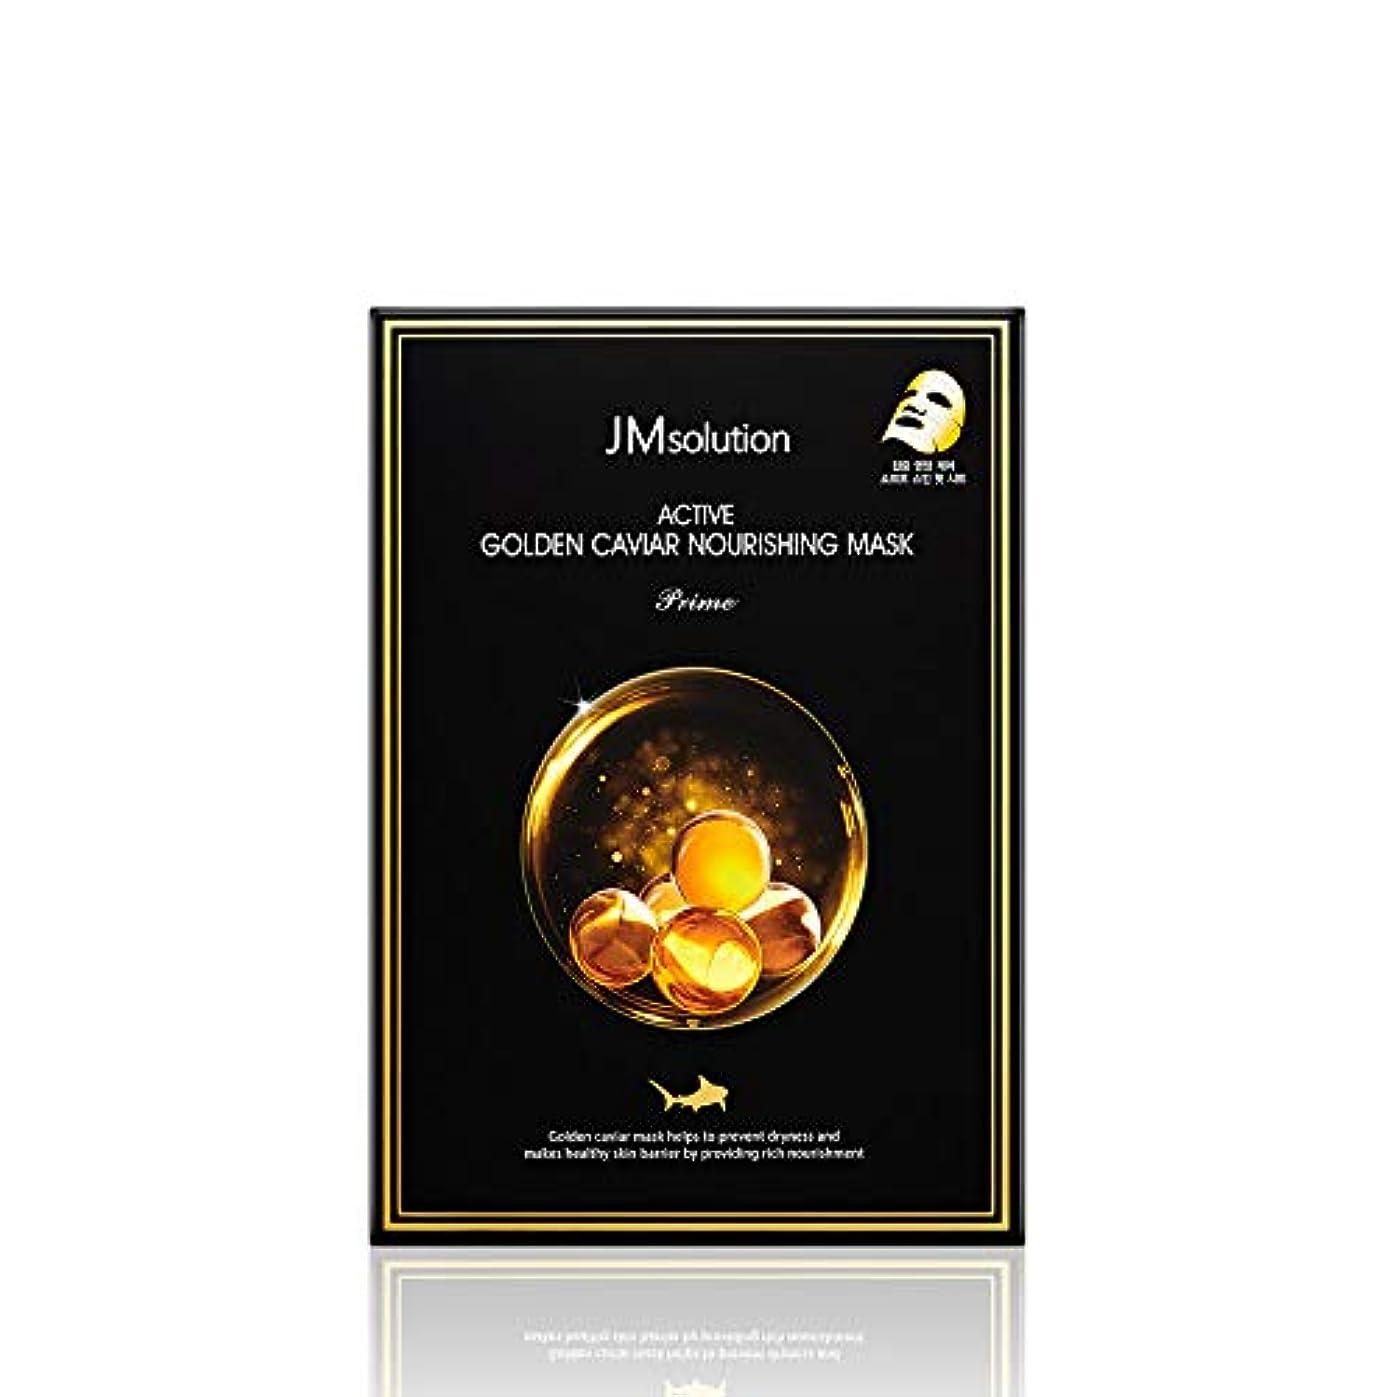 徐々にカプセル乙女JMソリューション(JM Solution) 乾燥肌のためのアクティブゴールデンキャビア栄養マスクプライム 30mlx10P / Active Golden Caviar Nourishing Mask Prime For...